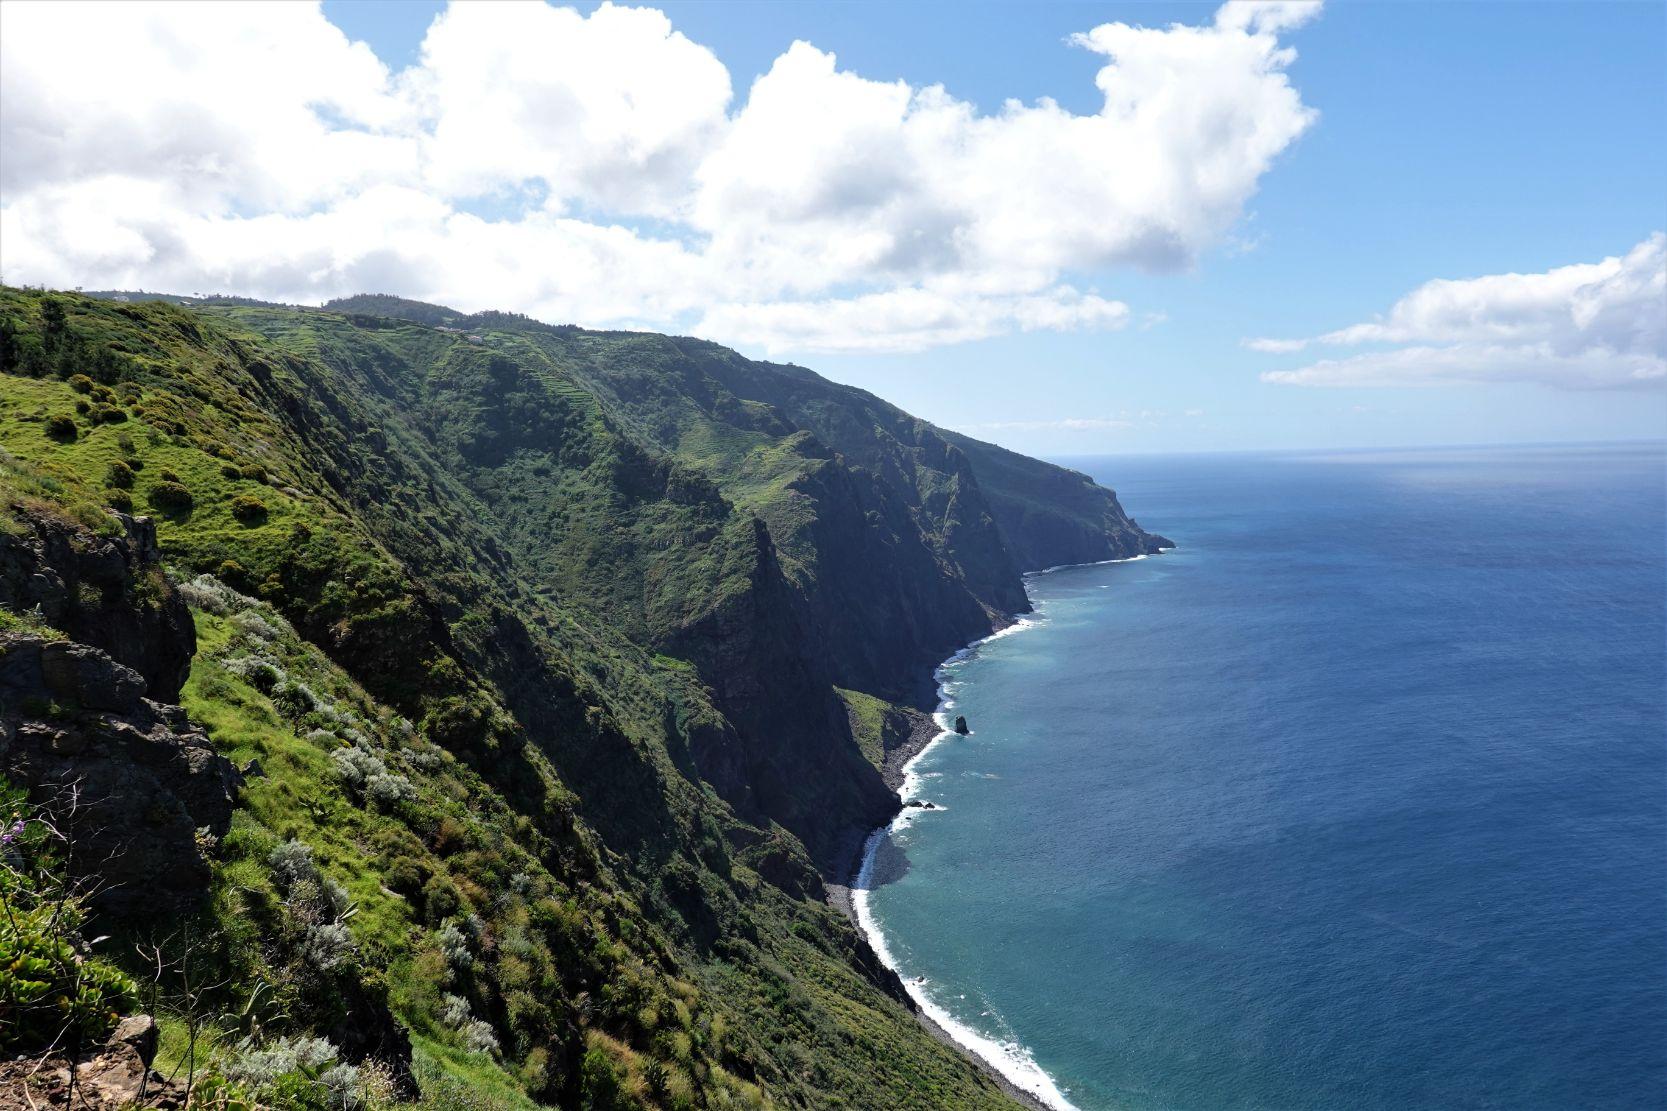 Západní pobřeží Madeiry